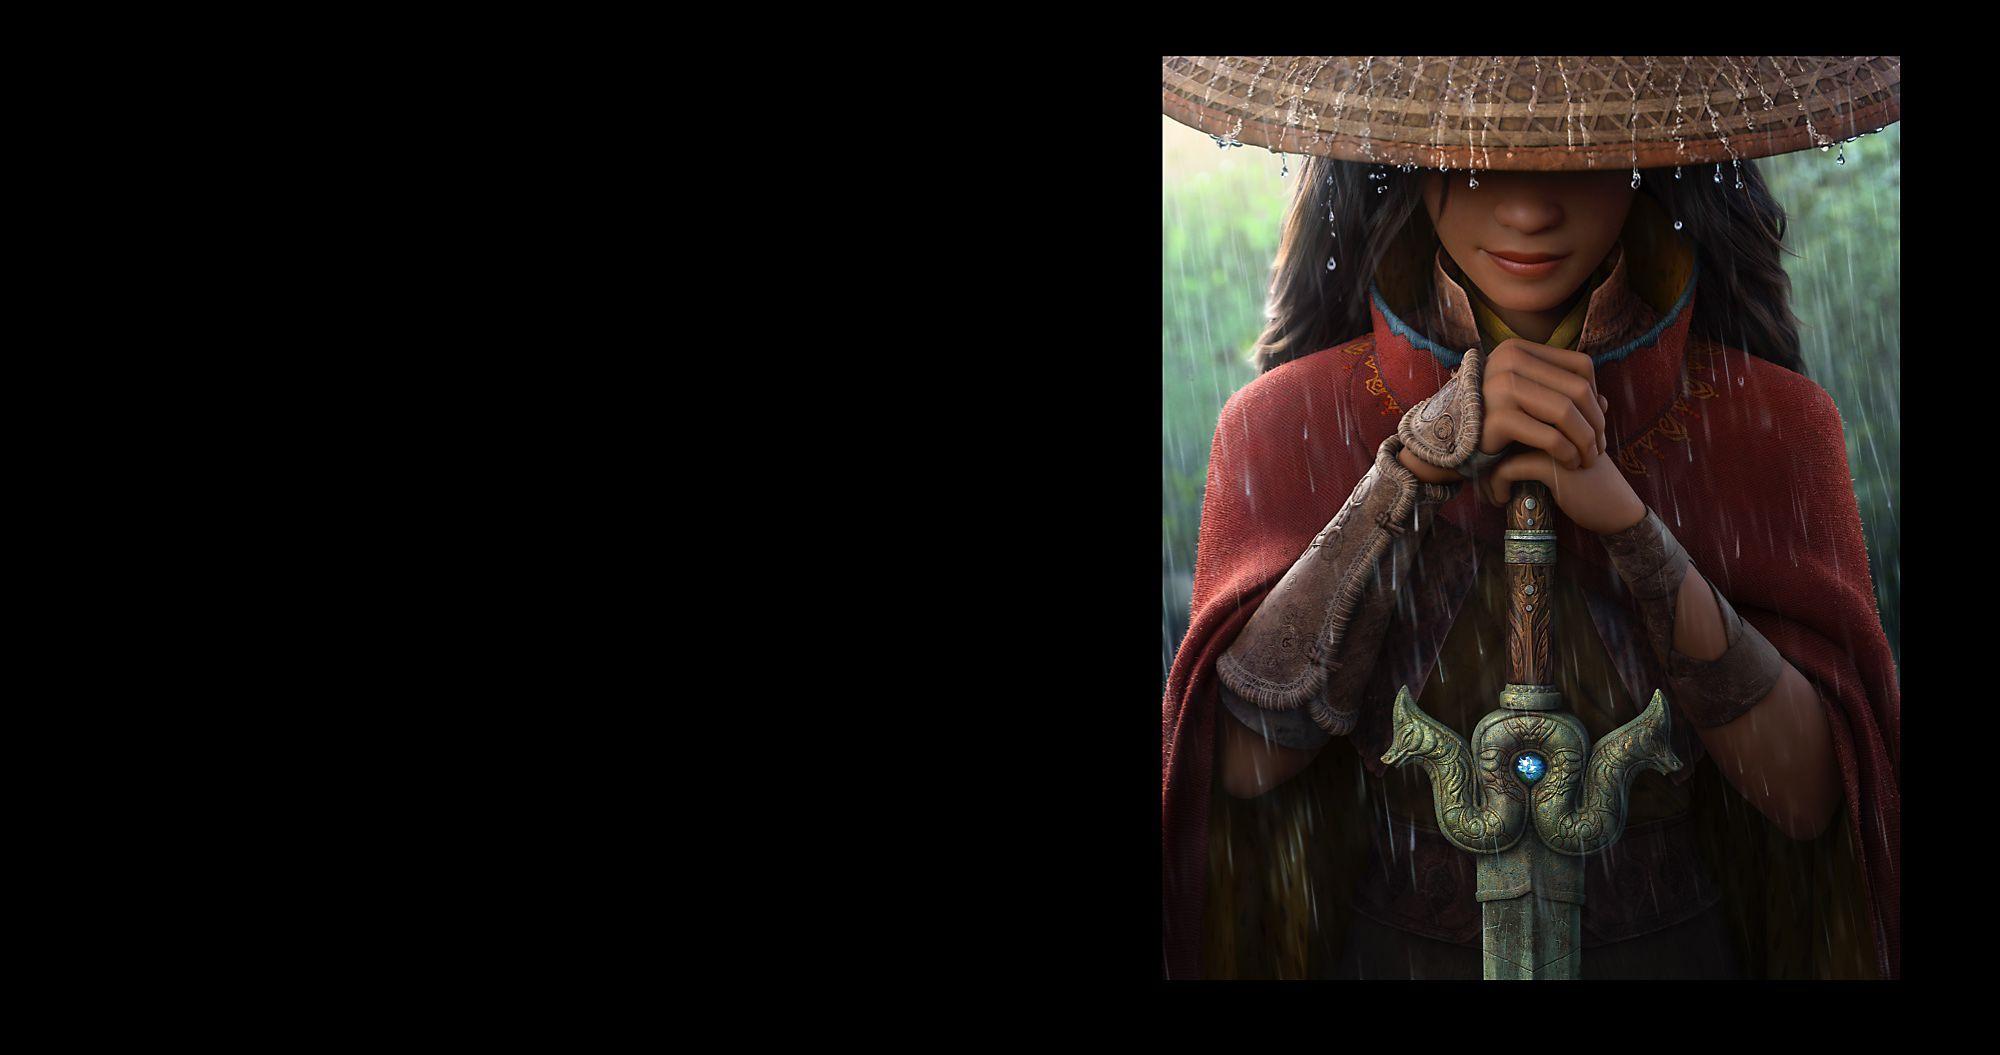 Raya e L'ultimo Drago Tanto, tanto tempo fa, nel mondo fantastico di Kumandra, uomini e draghi vivevano in armonia. Ma quando dei mostri minacciosi chiamati Druun minacciarono questa terra, i draghi si sacrificarono per salvare gli uomini. Ora, 500 anni dopo, quegli esseri mostruosi hanno fatto ritorno e una guerriera solitaria, Raya, dovrà rintracciare l'ultimo drago sopravvissuto per fermare i Druun per sempre. Nel corso del suo viaggio, Raya scoprirà che serve ben più della magia di un drago per salvare il mondo: serve anche avere fede. Immergiti nel magico mondo di Raya and the Last Dragon con i nostri giochi, l'abbigliamento, i costumi e tanto altro.